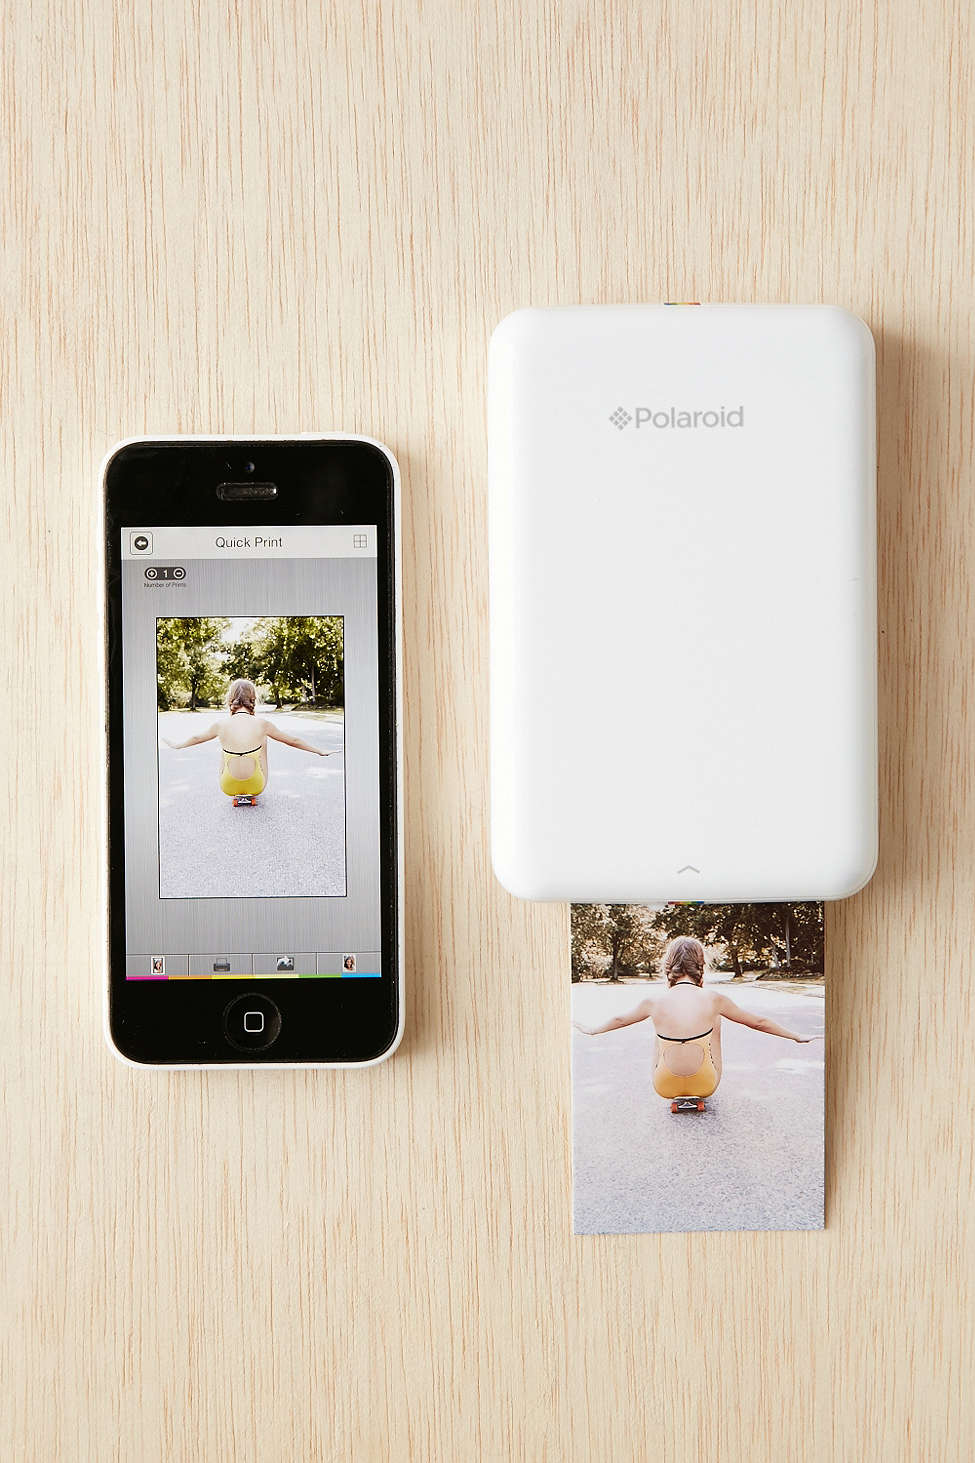 Polaroid Mobile Photo Printer $130